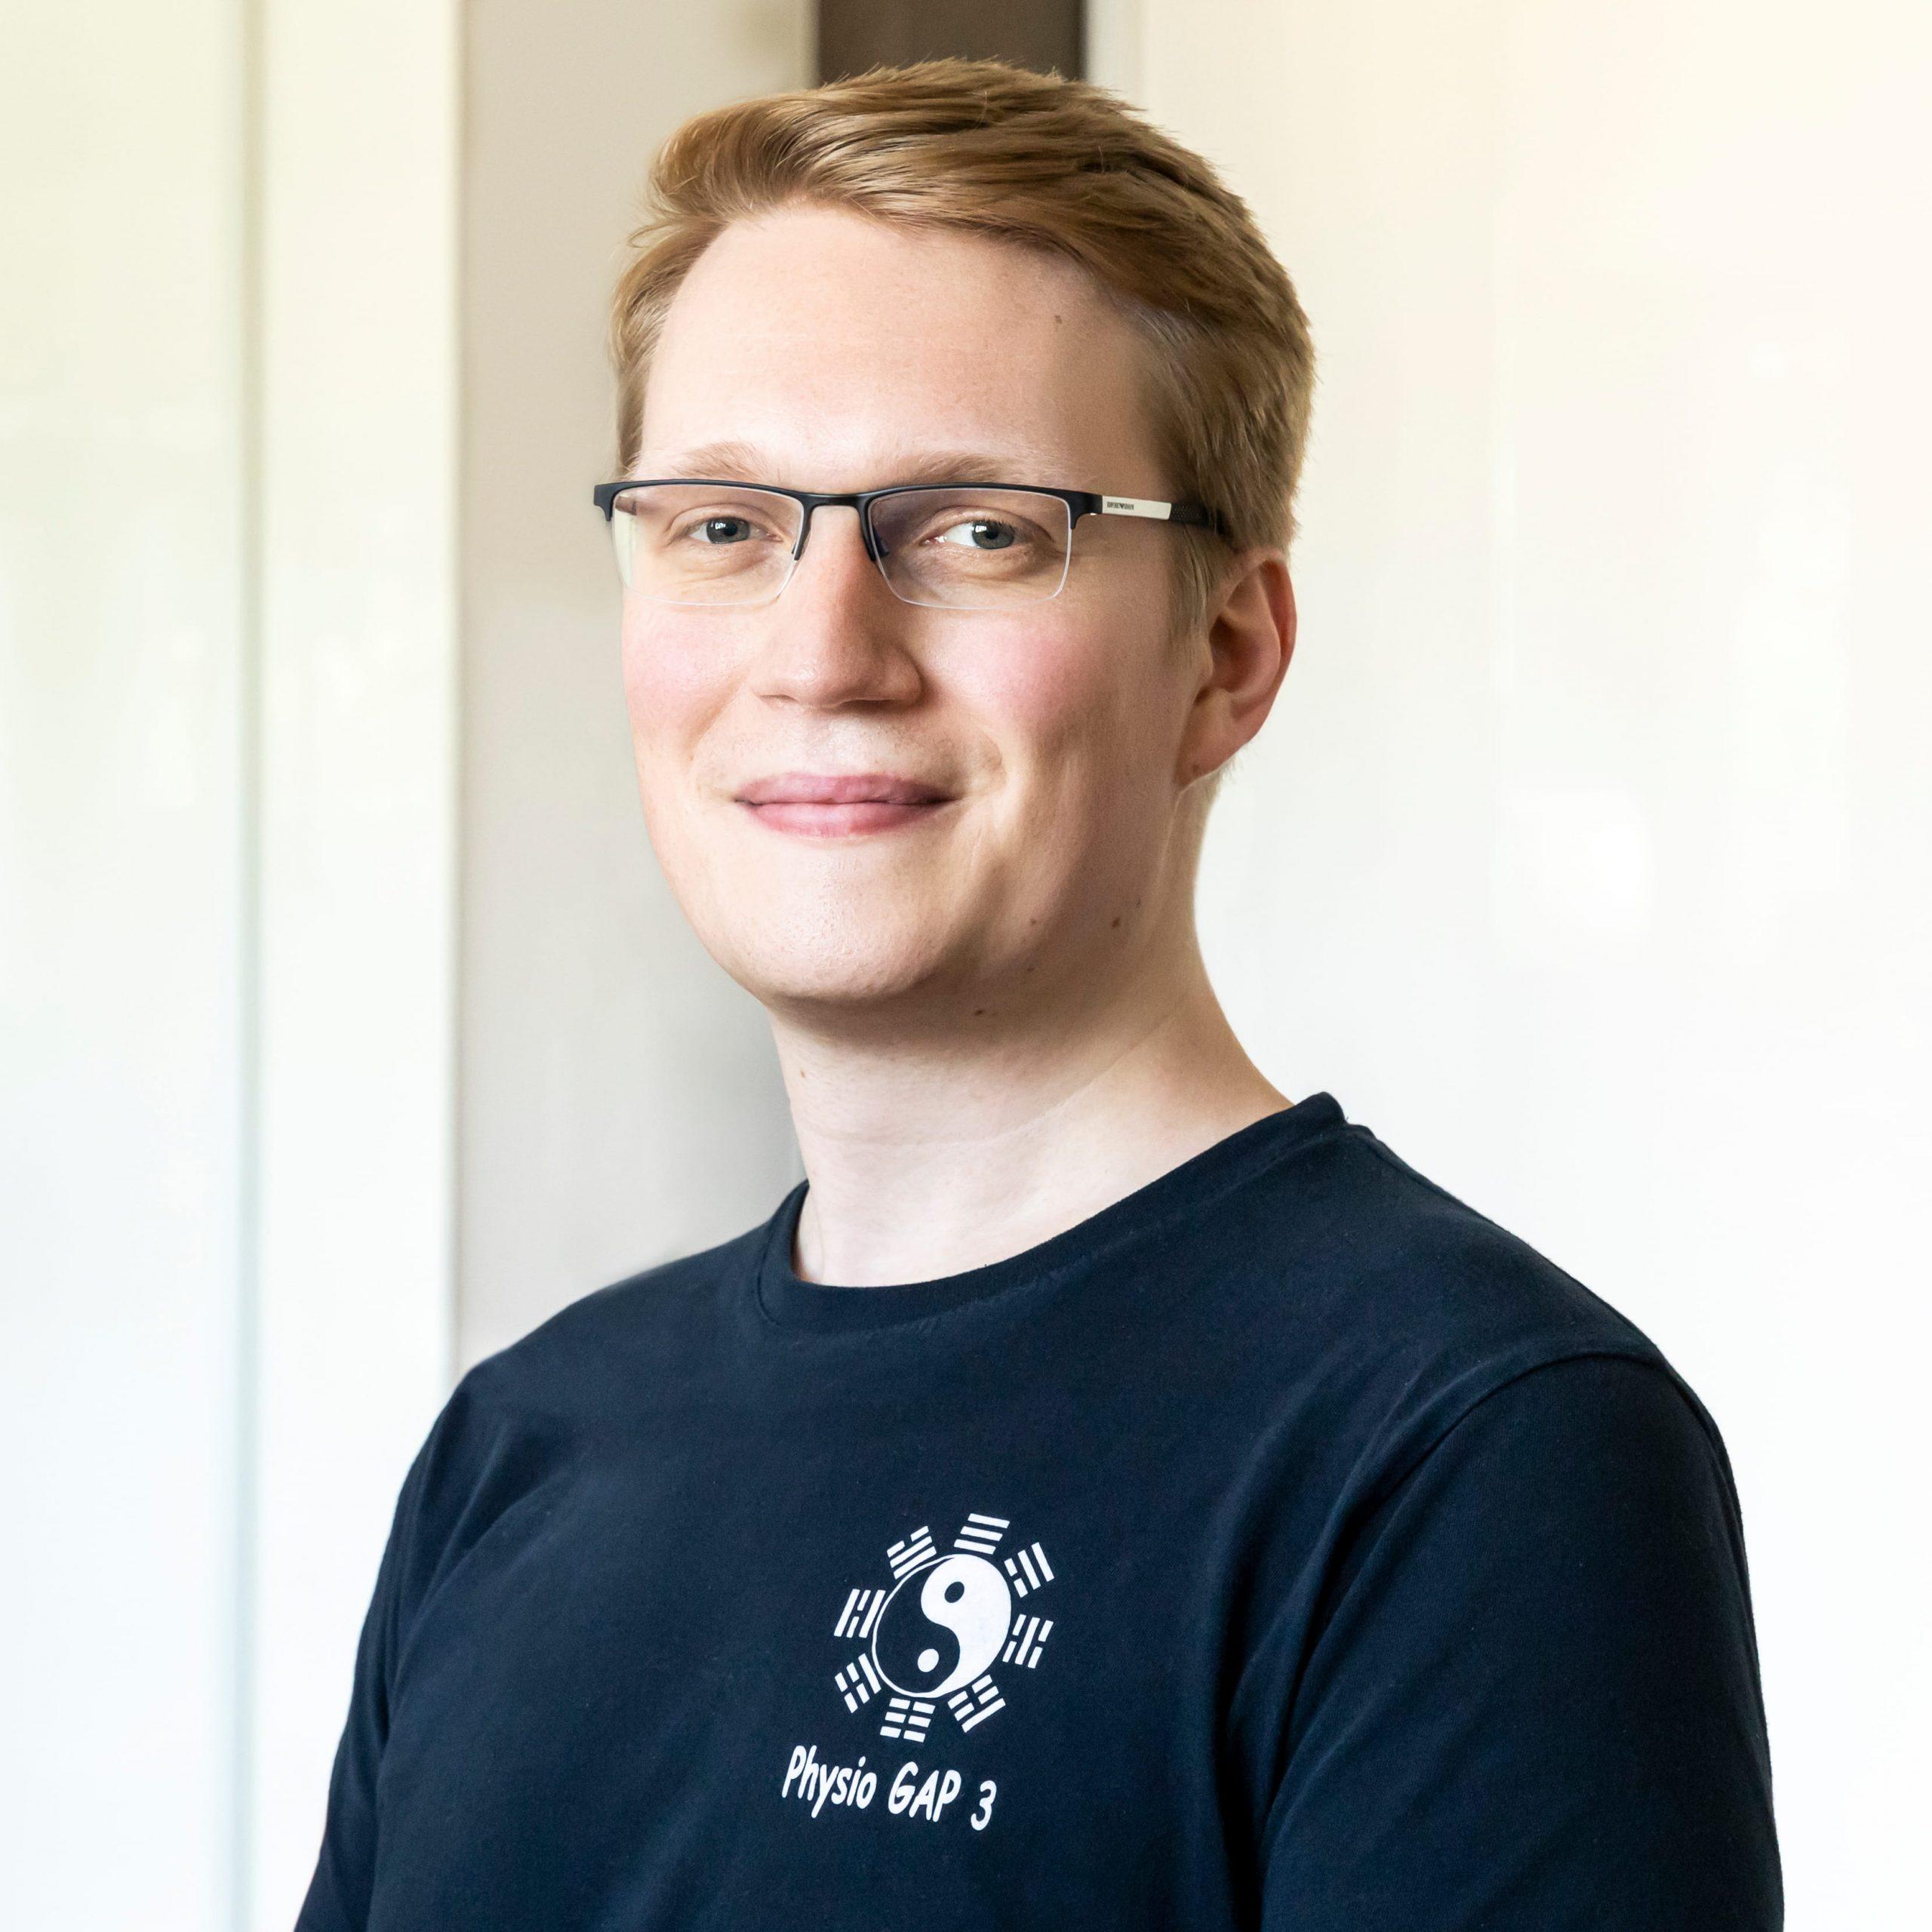 Matthias Spielkamp Physiotheratpeut